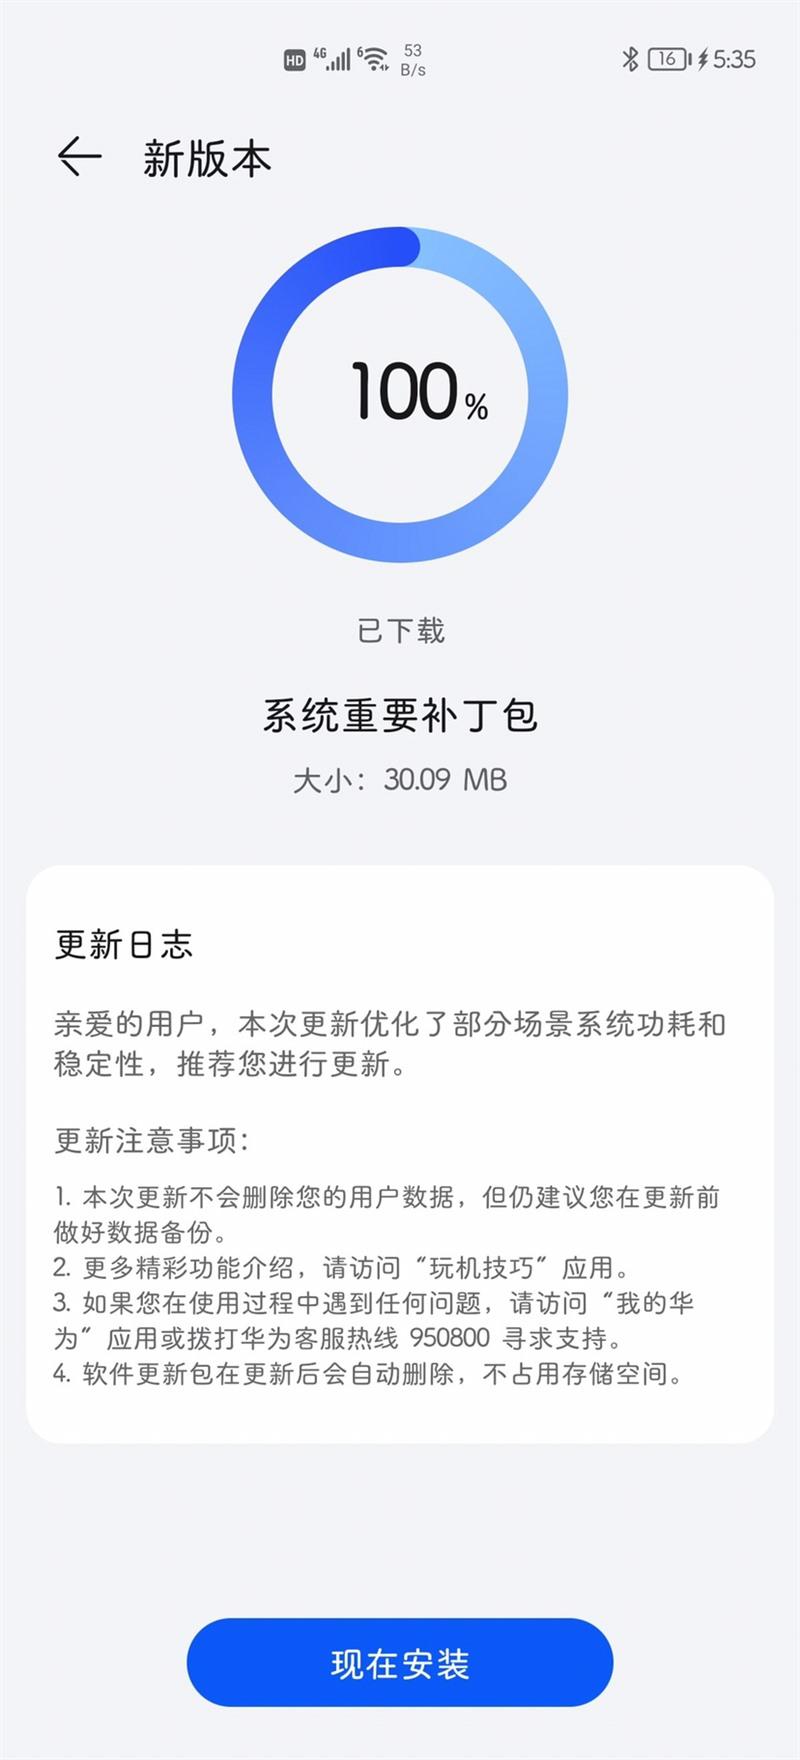 Huawei P40 series latest HarmonyOS patch